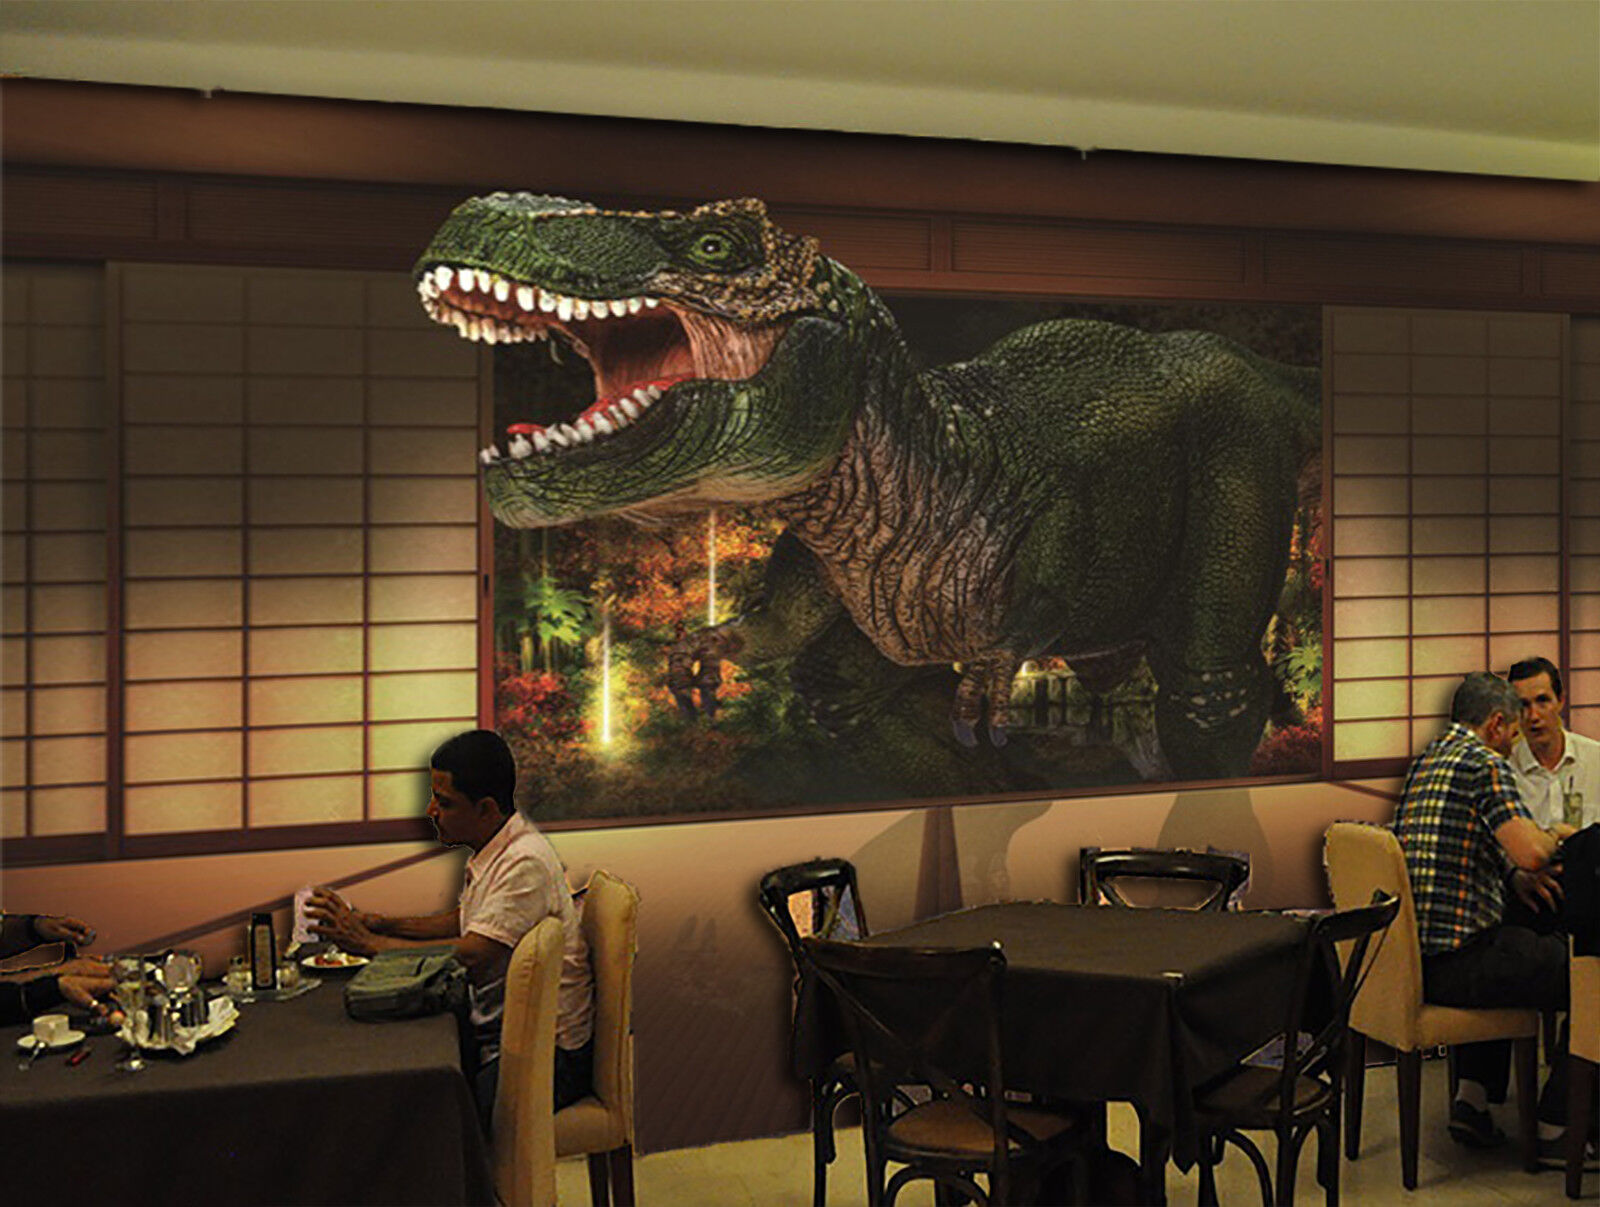 3D Dschungel Dinosaurier 8093 Tapete Wandgemälde Tapeten Bild Familie DE Jenny | Die Farbe ist sehr auffällig  | Sonderaktionen zum Jahresende  | Sehen Sie die Welt aus der Perspektive des Kindes